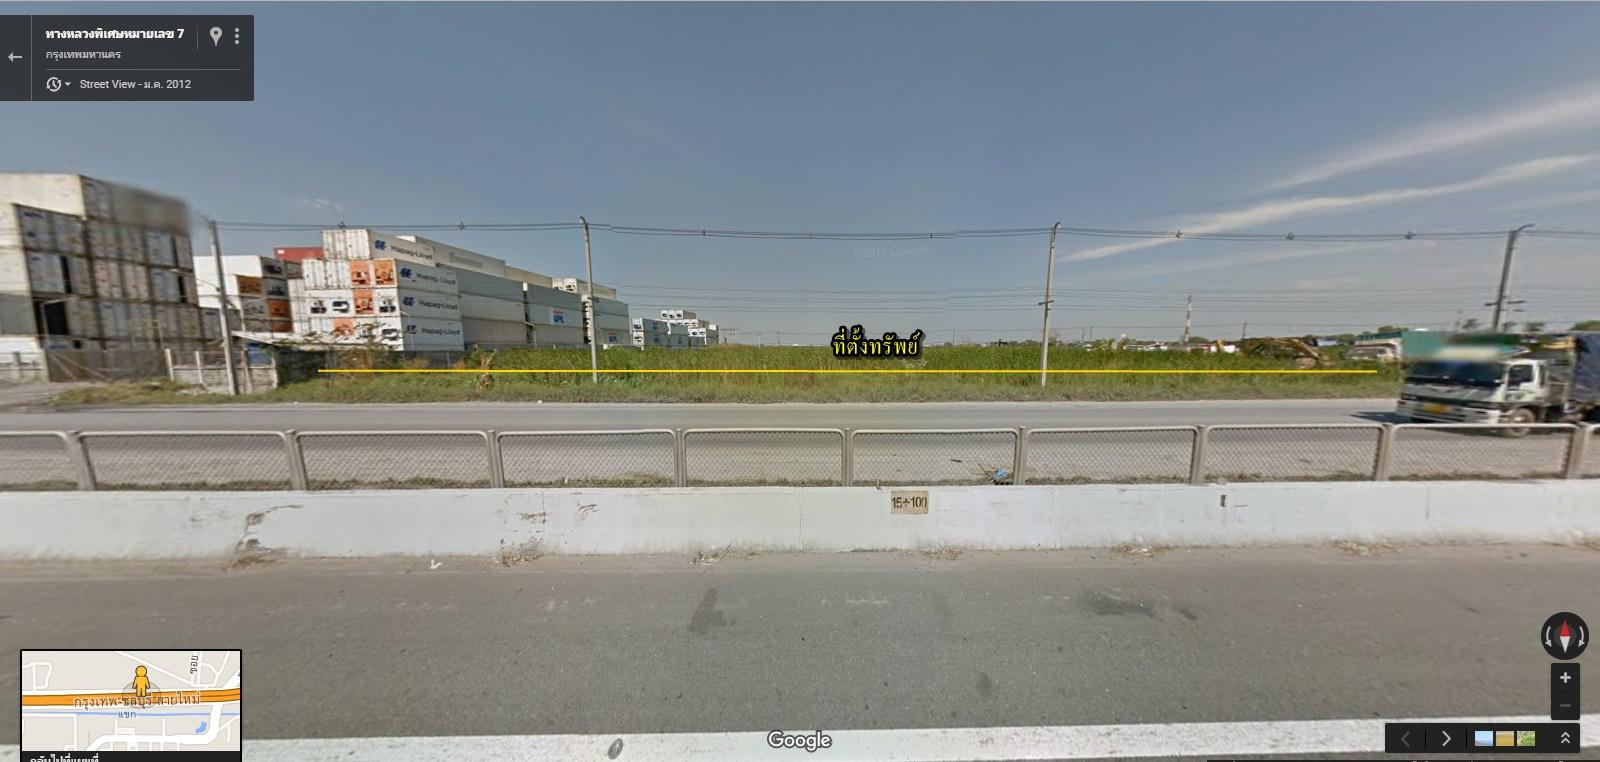 ขายที่ดิน ติดถนน เลียบด่วนมอเตอร์เวย์ และ ถนนคุ้มเกล้า 4-1-95 ไร่